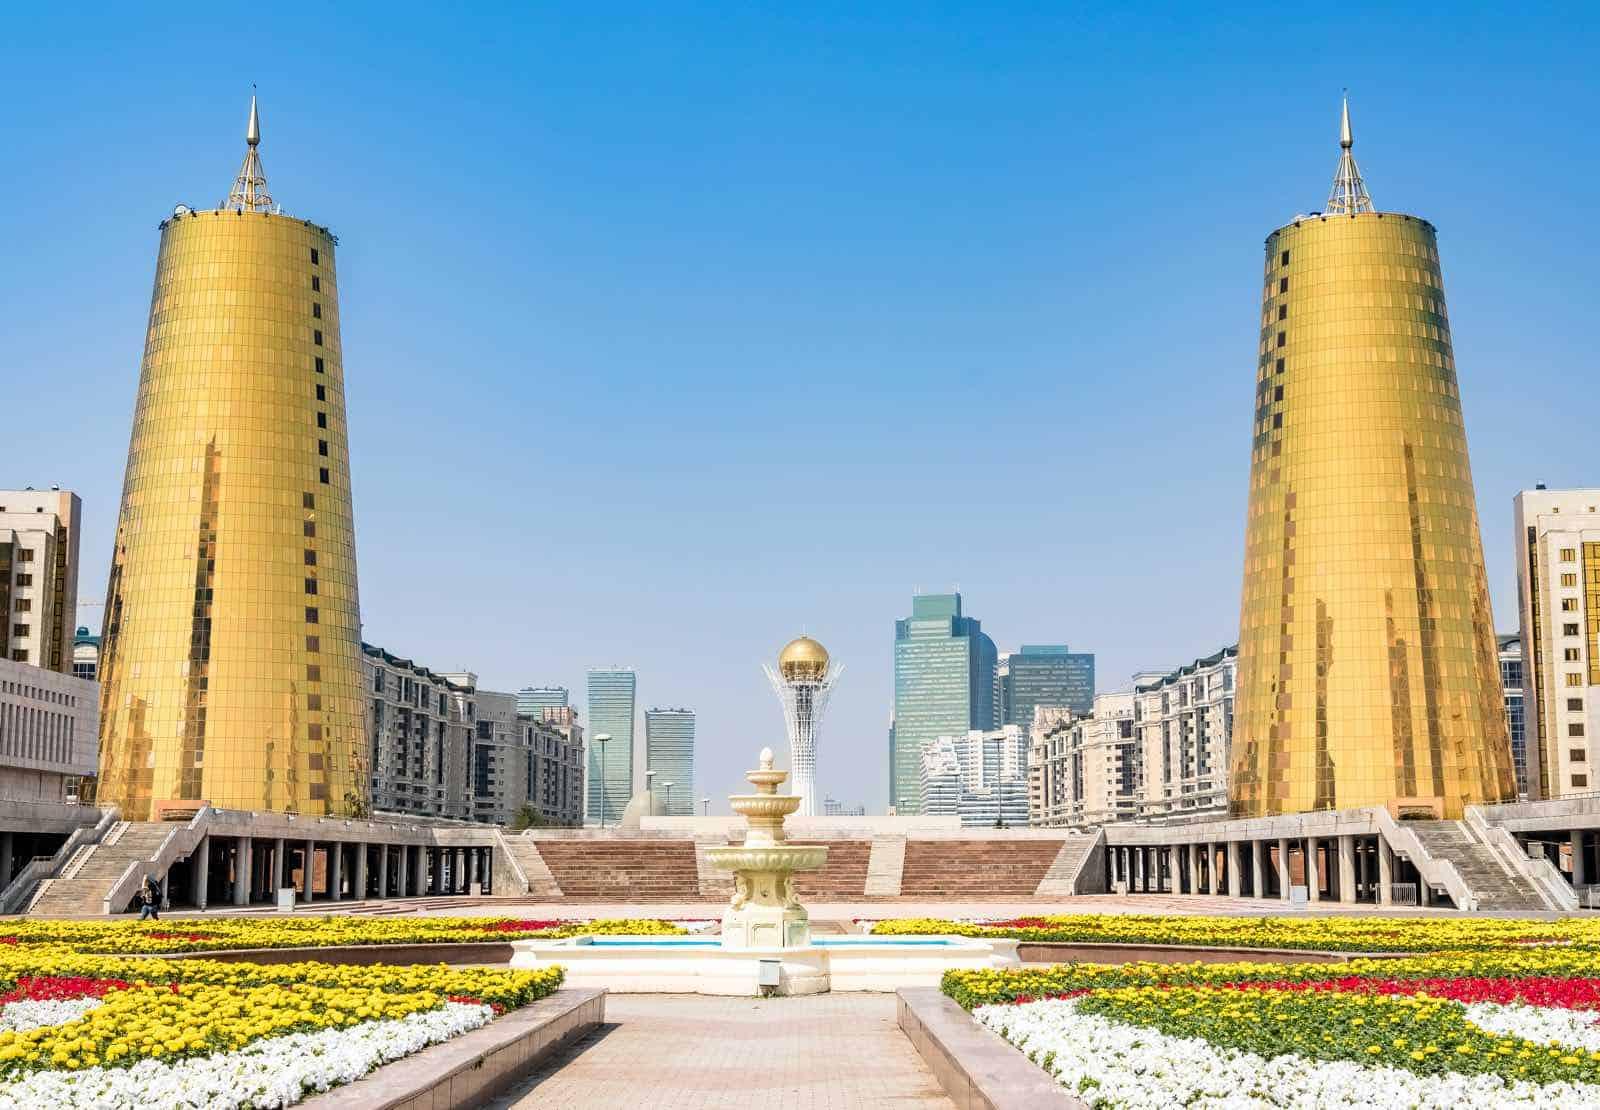 Kasakhstan - Astana